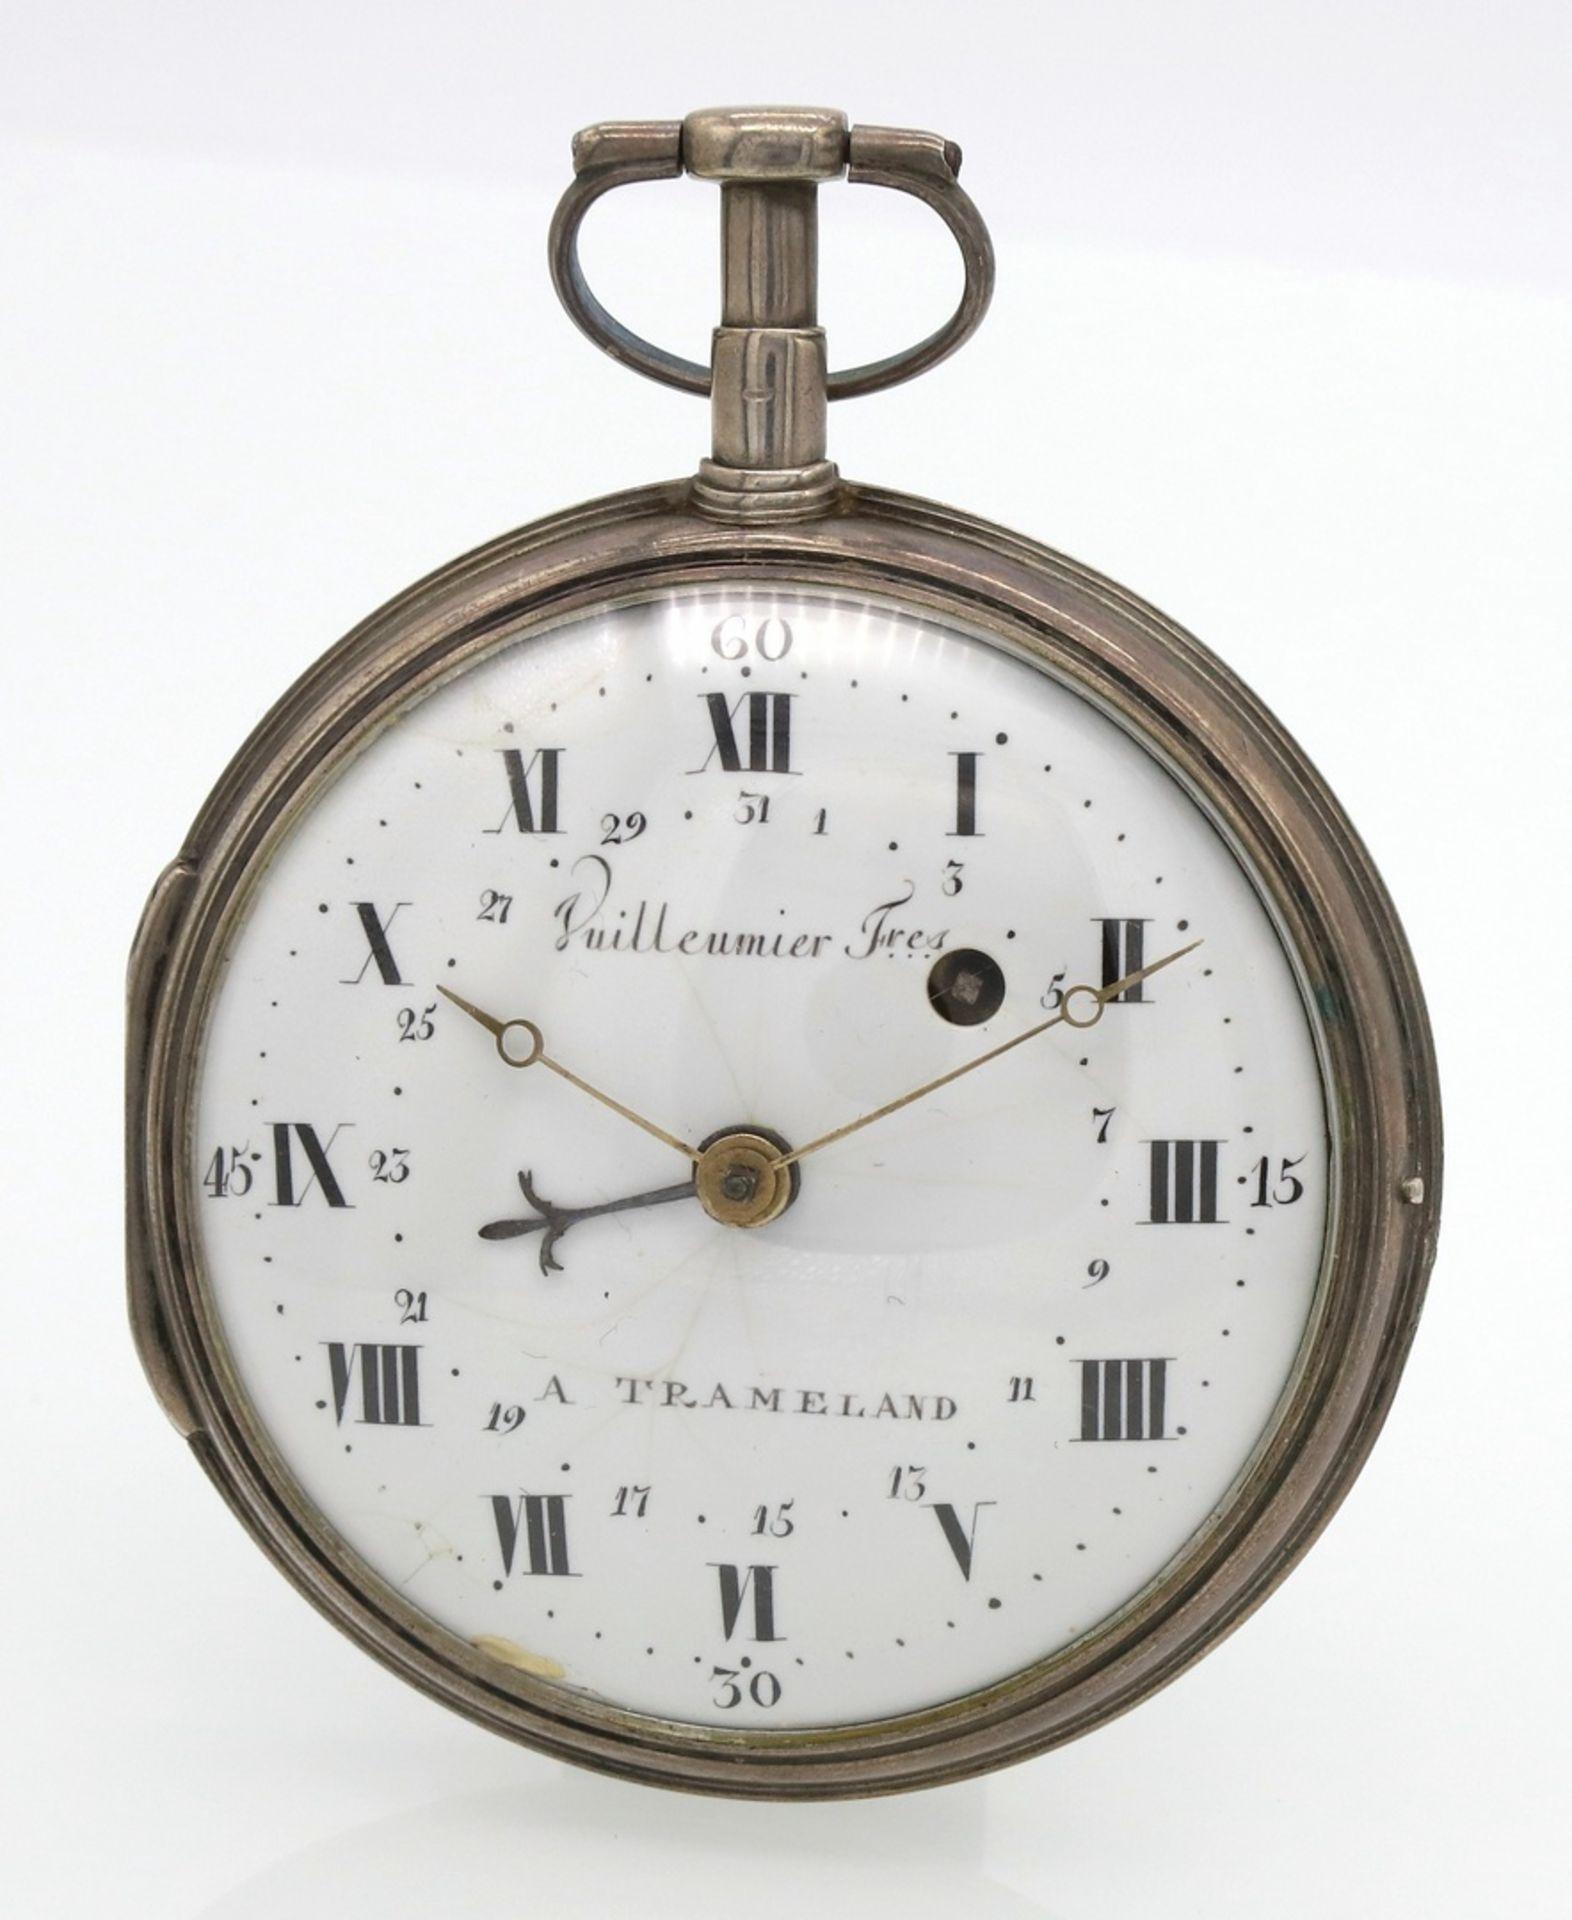 Vuilleumier Fres silberne Spindeltaschenuhr mit Datumsanzeige, um 1830 - Bild 5 aus 5